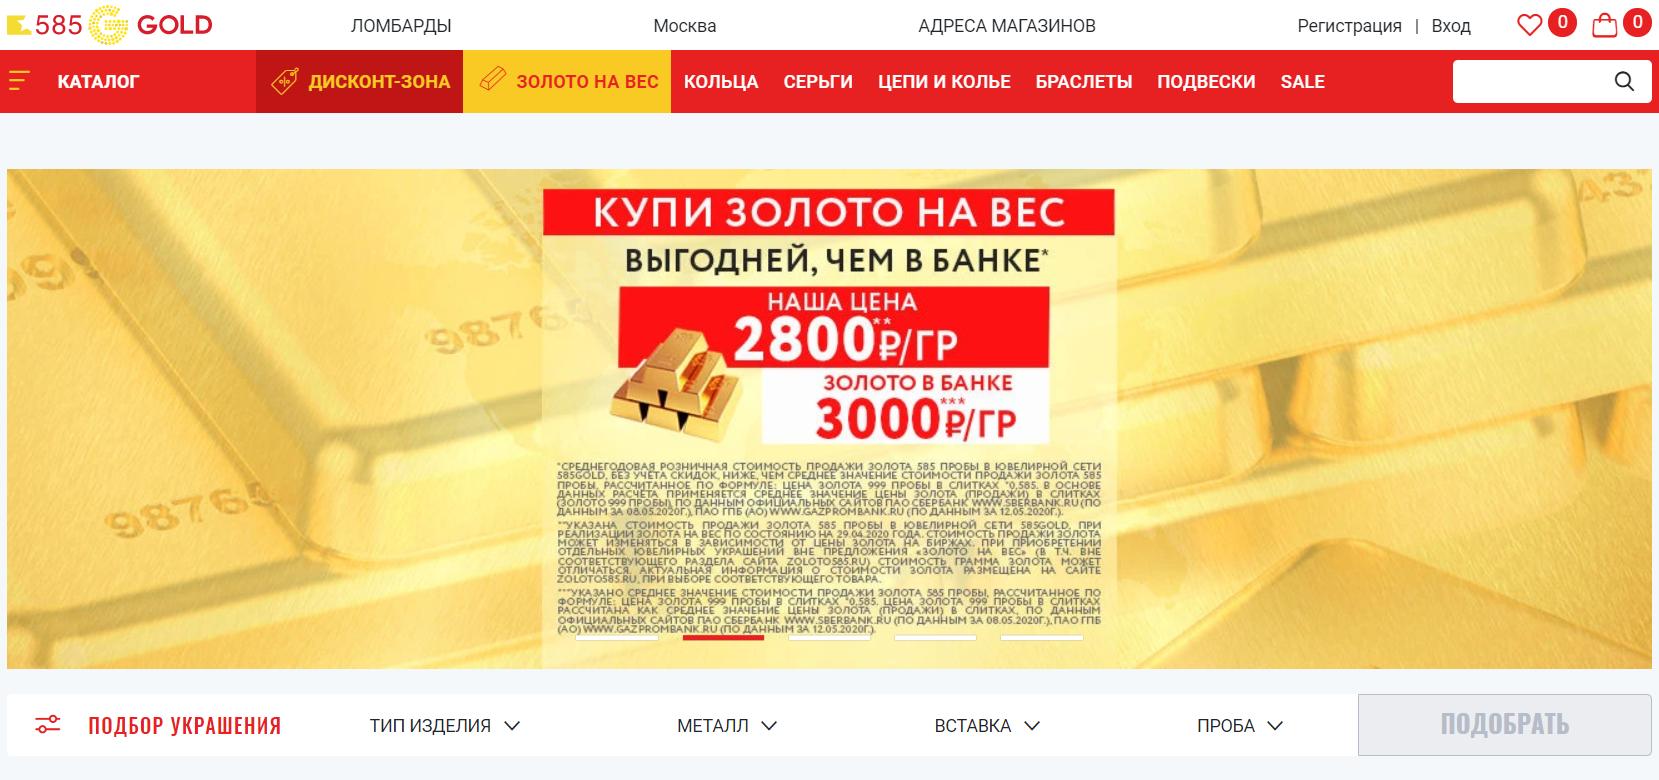 Золото Голд Официальный Сайт Нальчик Адреса Магазинов